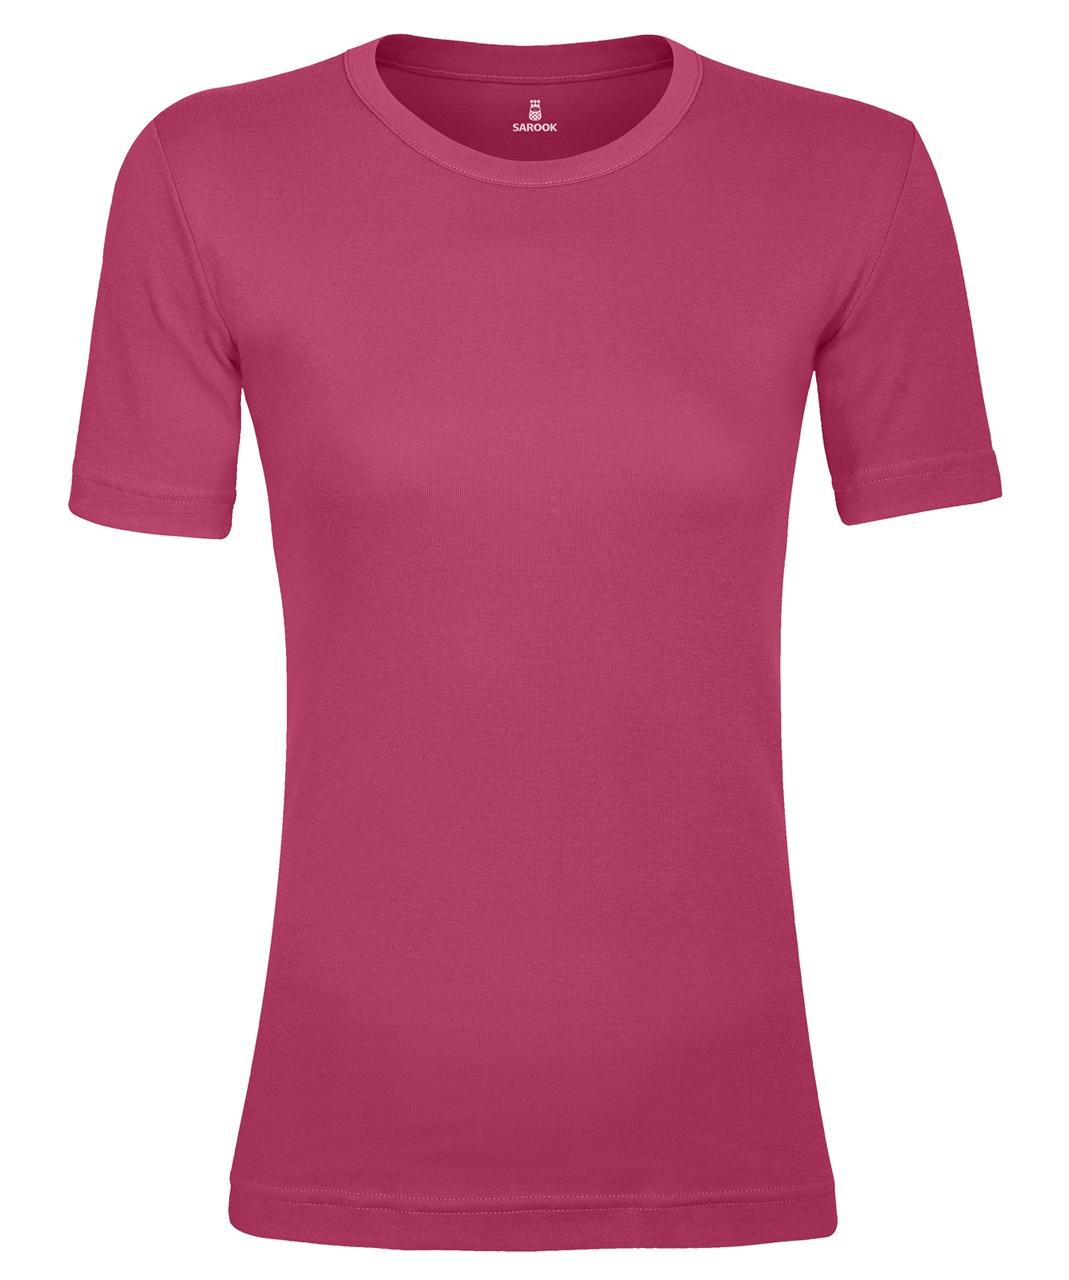 تصویر تی شرت زنانه ساروک مدل TZYUF09 رنگ صورتی